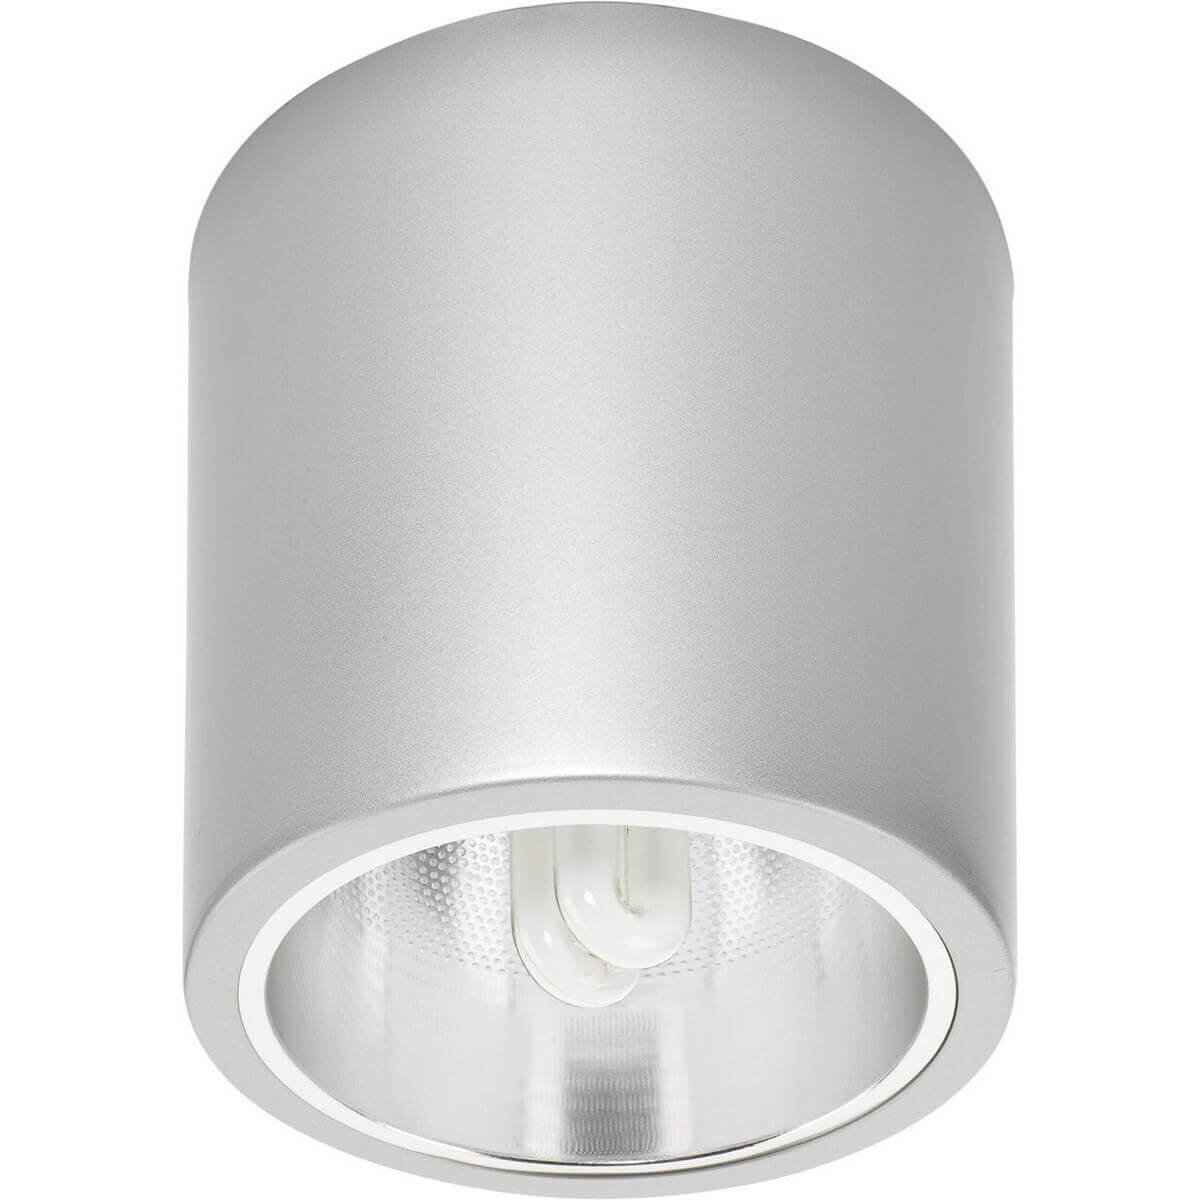 Светильник Nowodvorski 4867 Downlight Silver